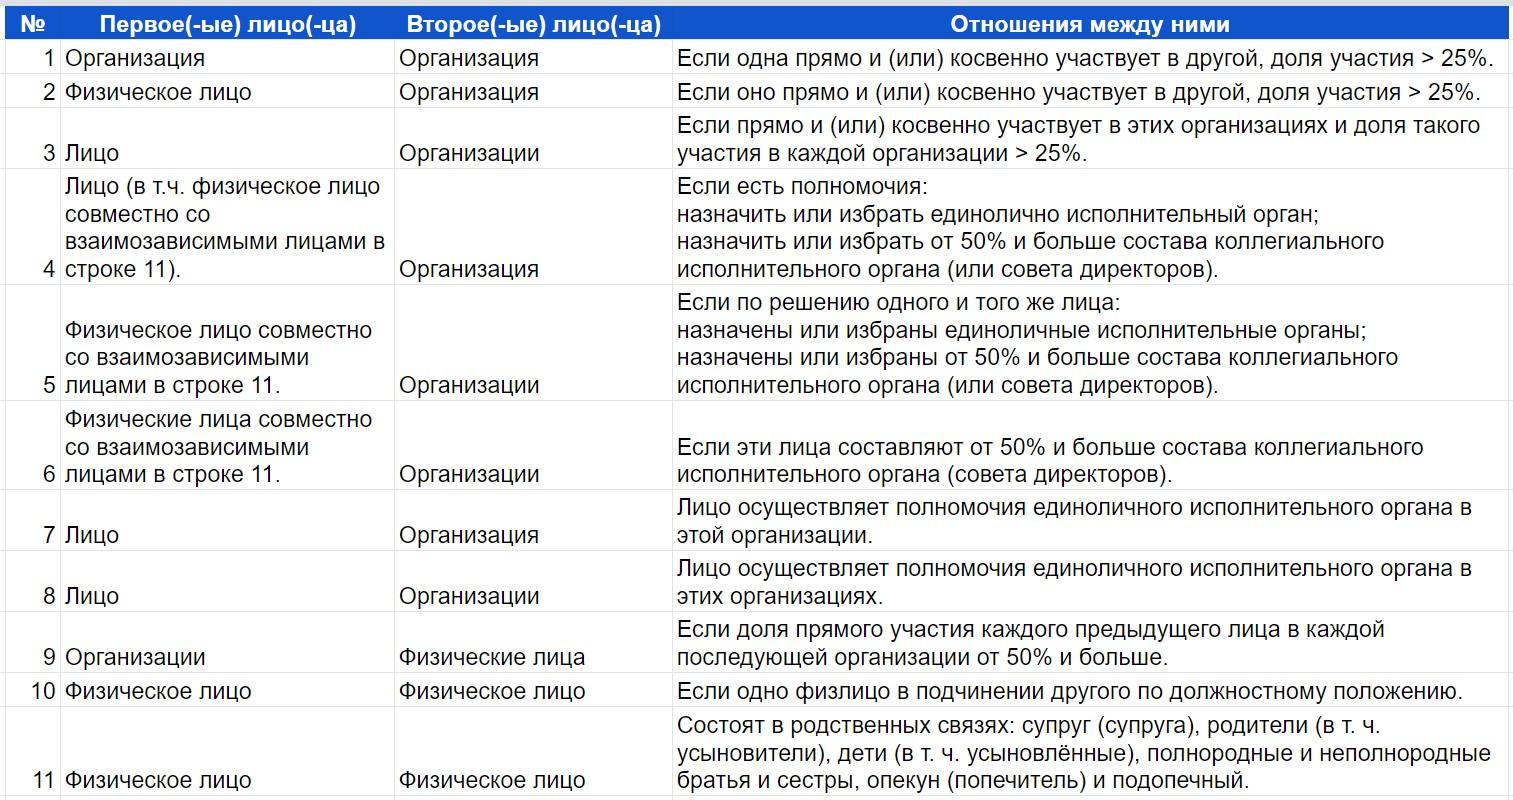 Взаимозависимые лица по НК РФ